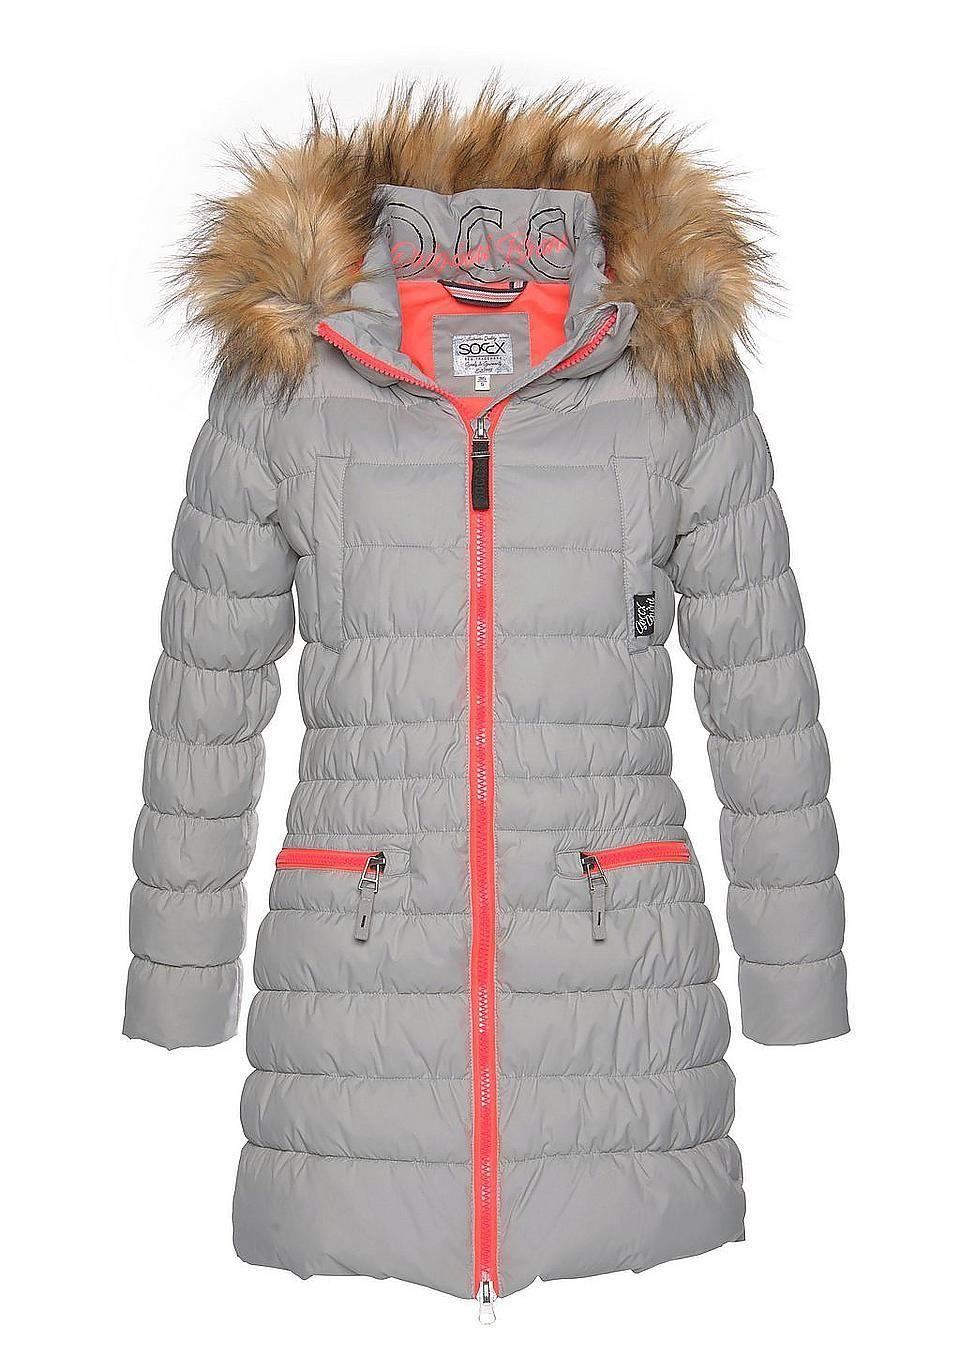 viele Stile neueste trends Auschecken SOCCX Steppjacke für | Winterjacken, Steppjacke und Jacken